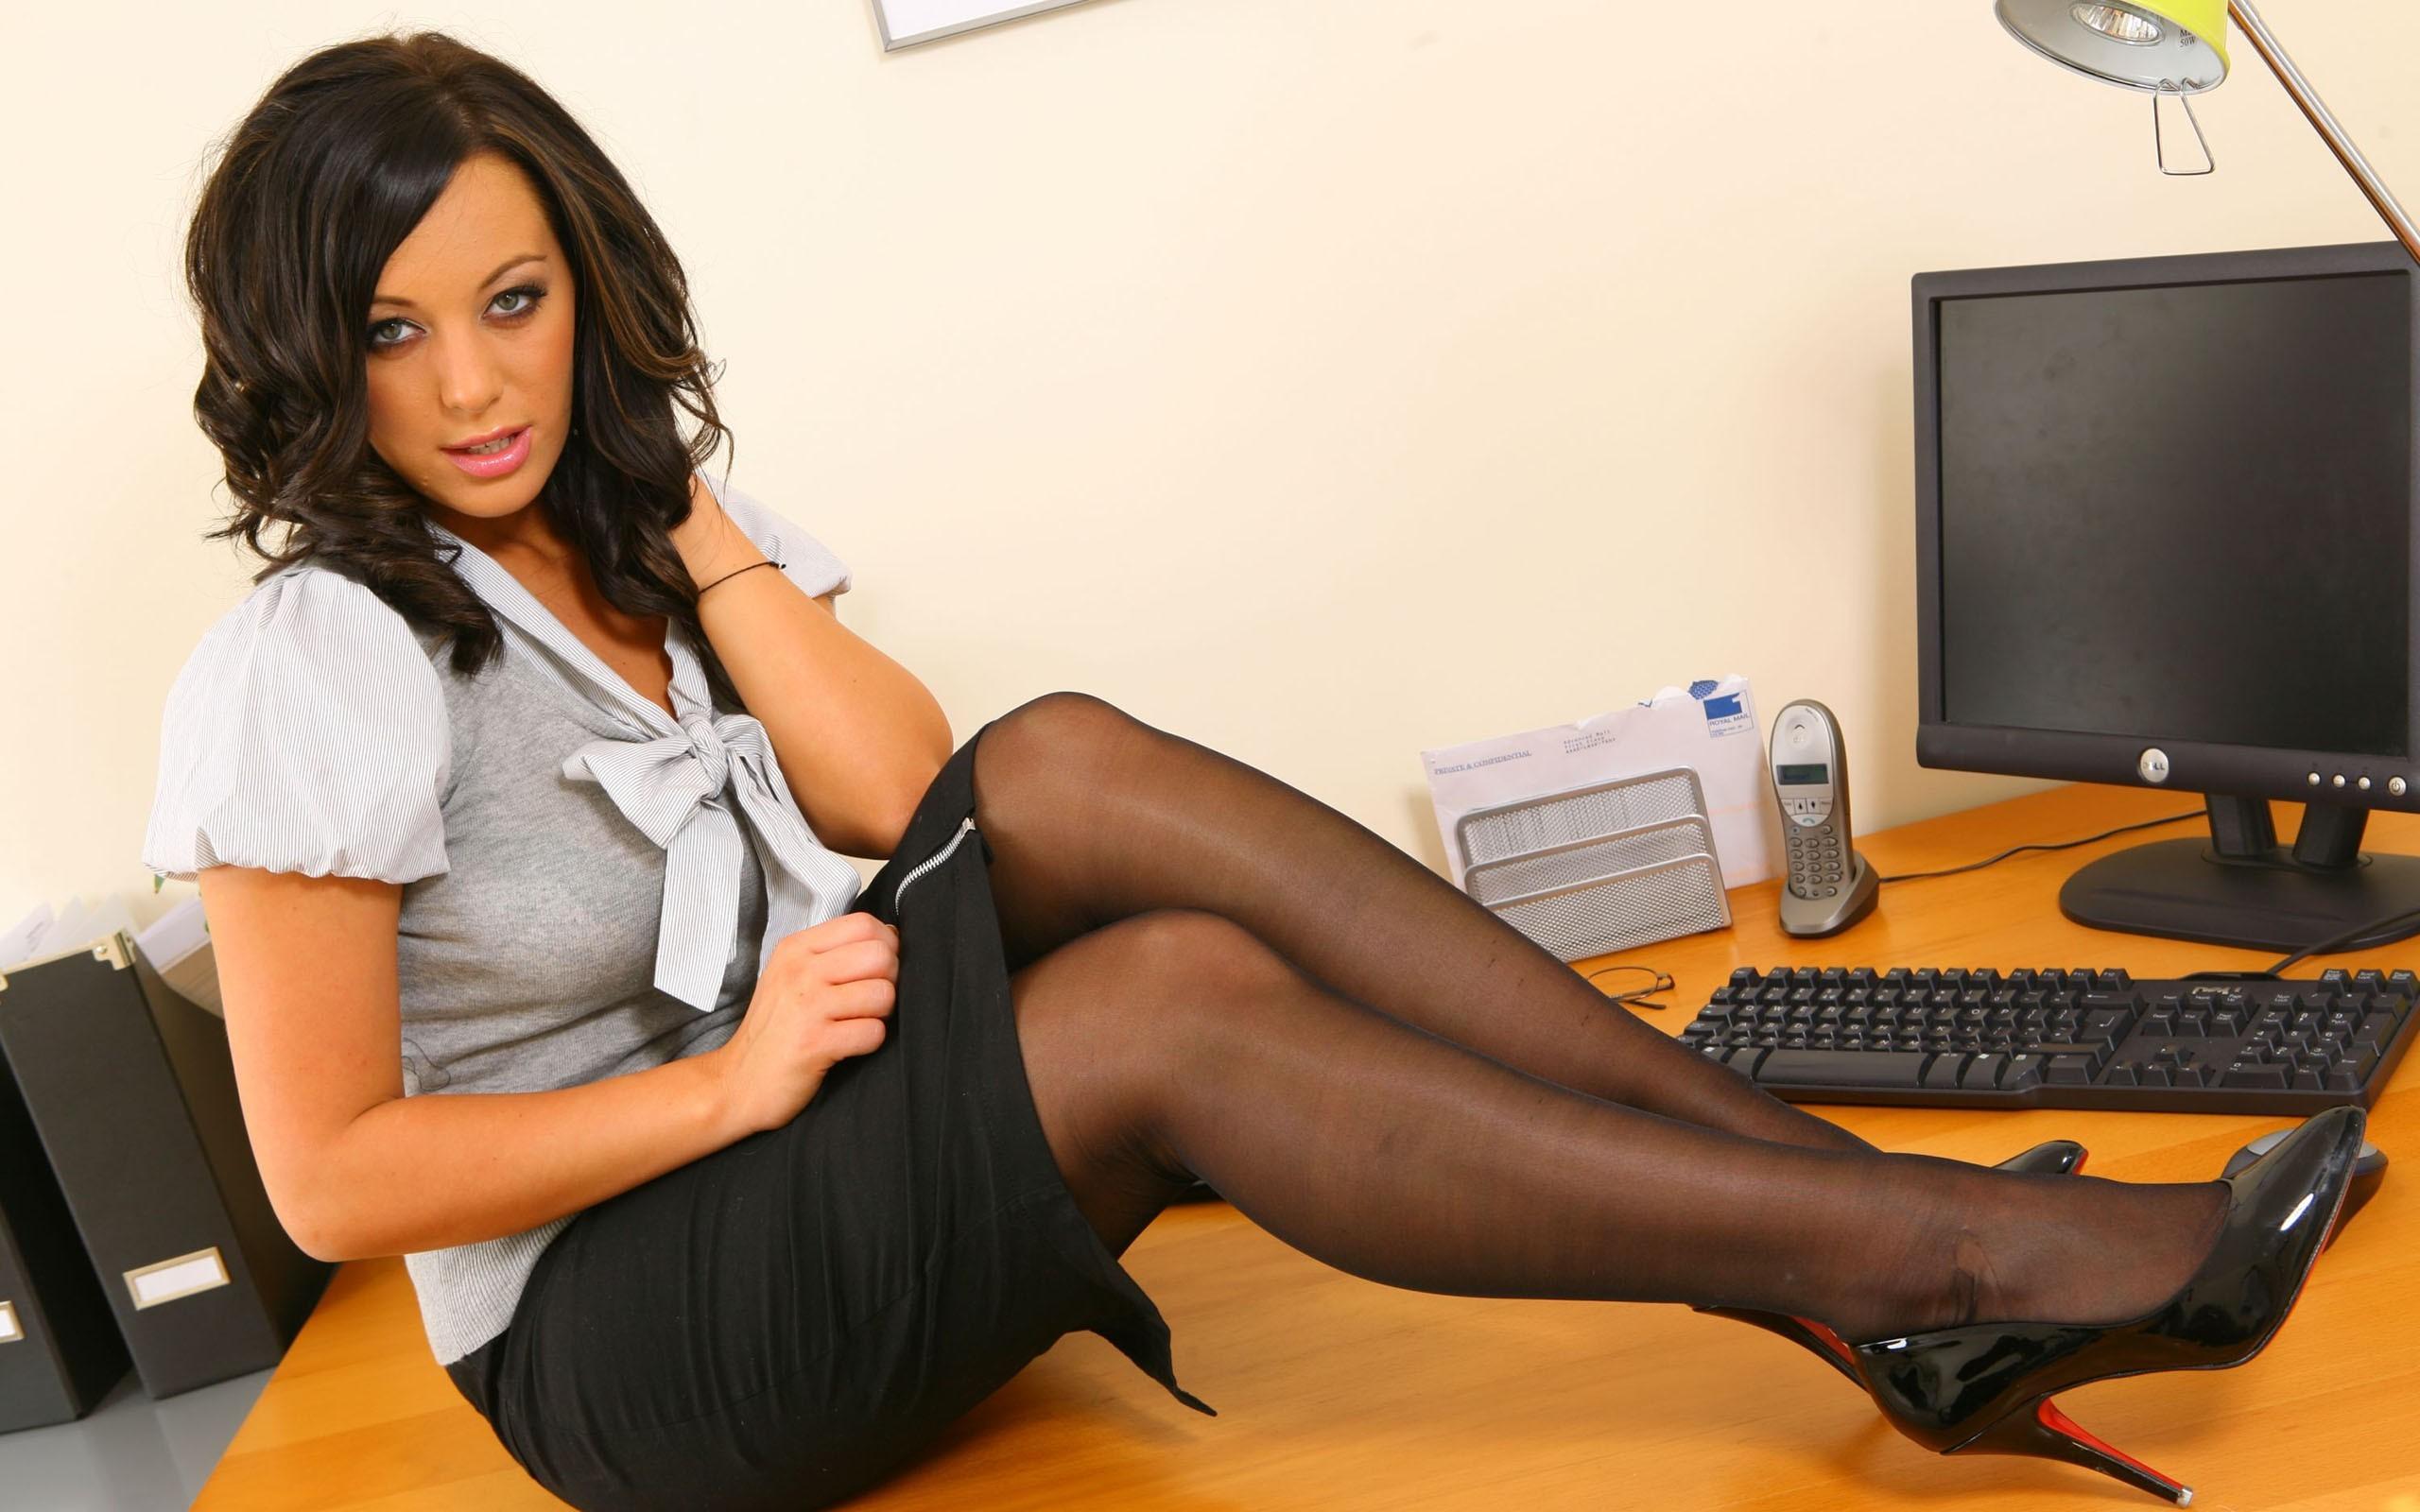 Фото русской зрелой дамы за рабочим столом, пизда крупно сзади